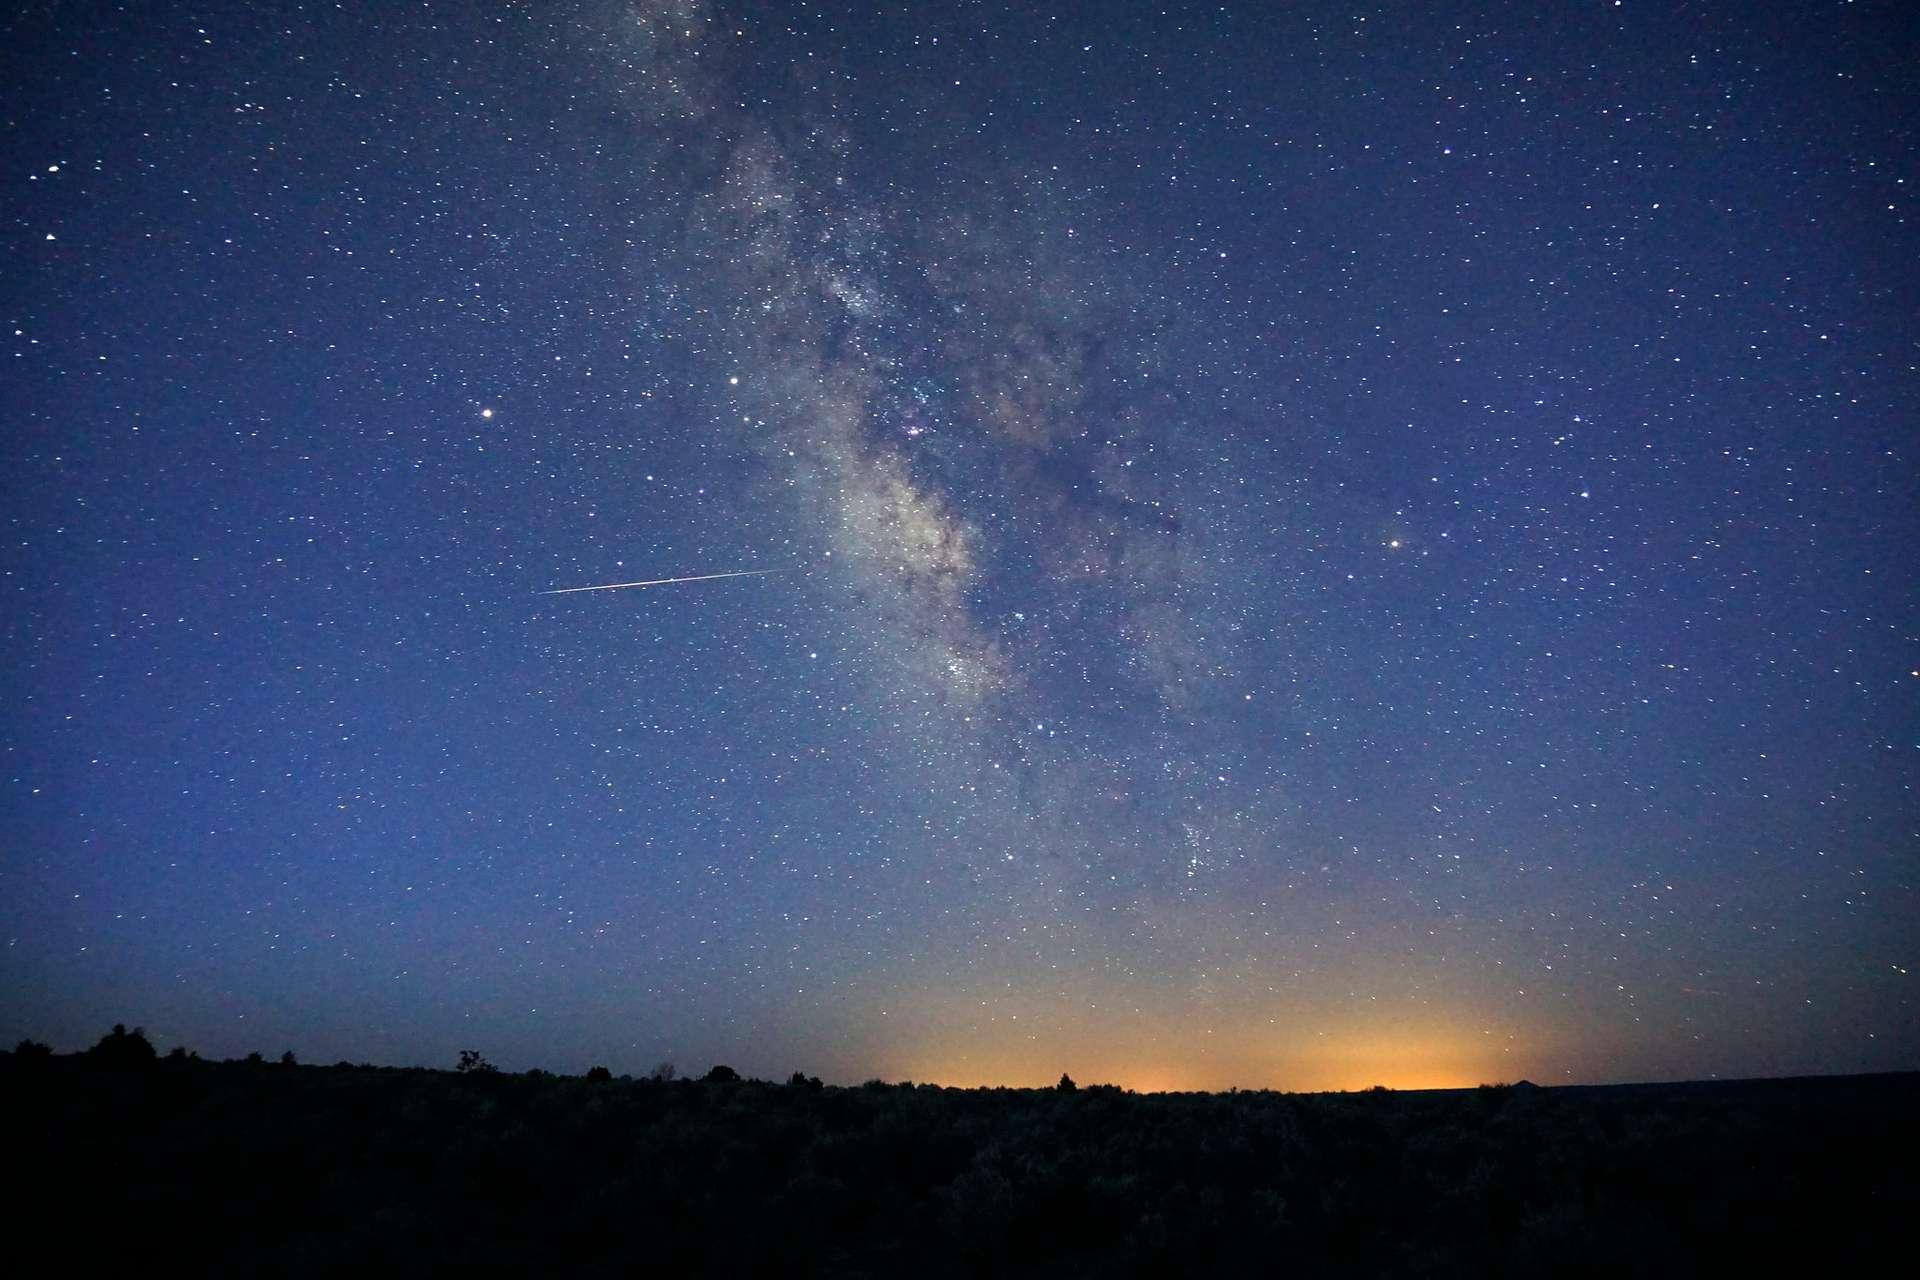 Une étoile filante de l'essaim météoritique des Lyrides aperçue en avril 2018. © Mike Lewinski, Flickr, CC By 2.0